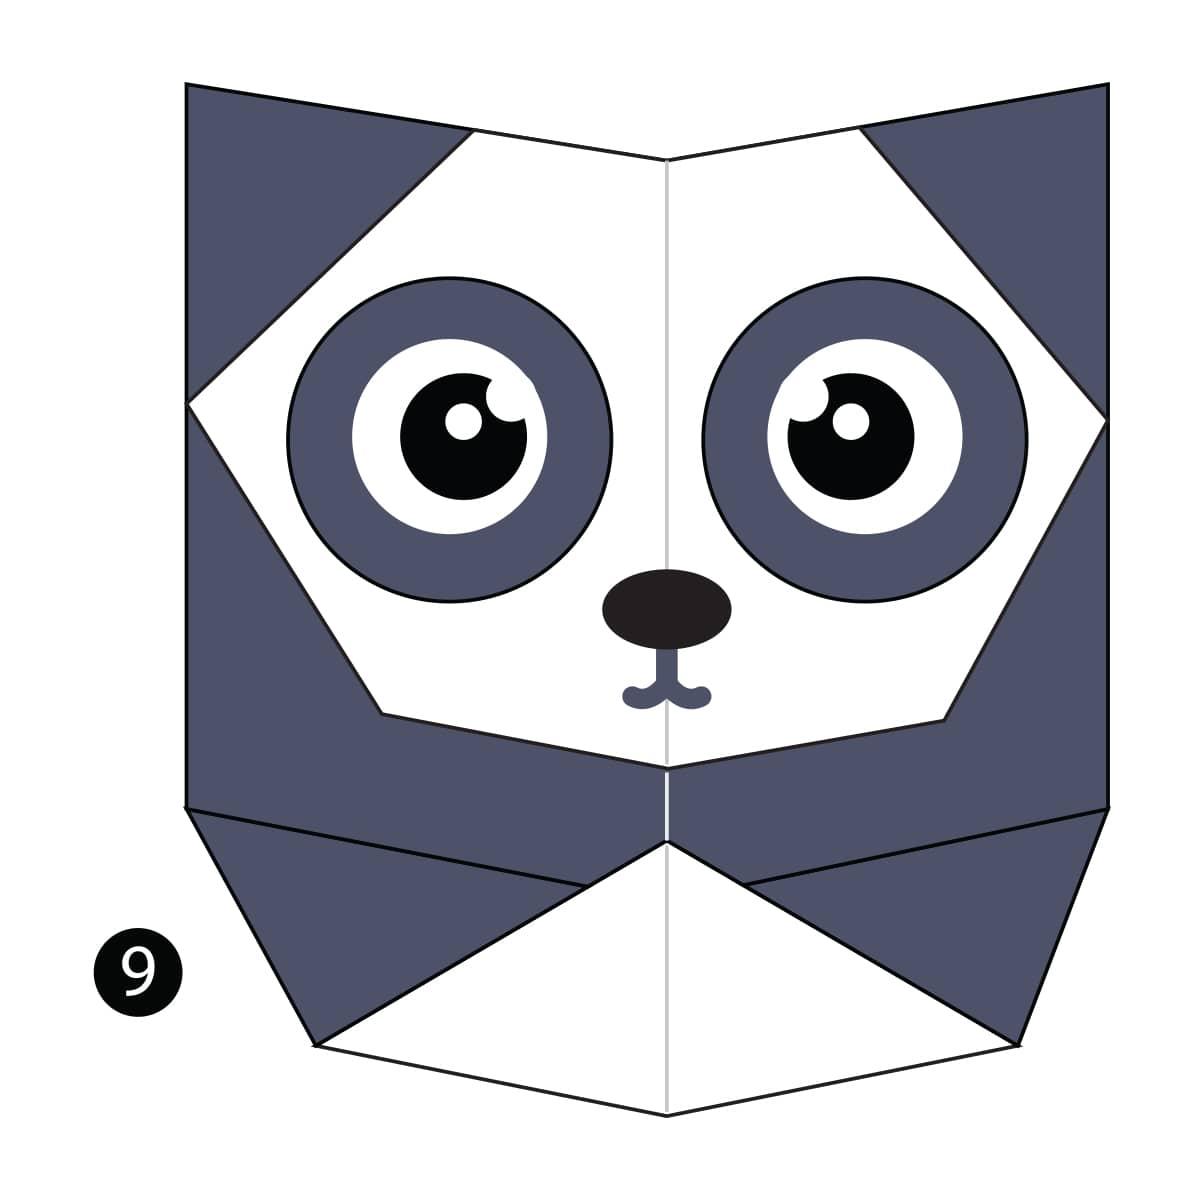 Panda Step 9